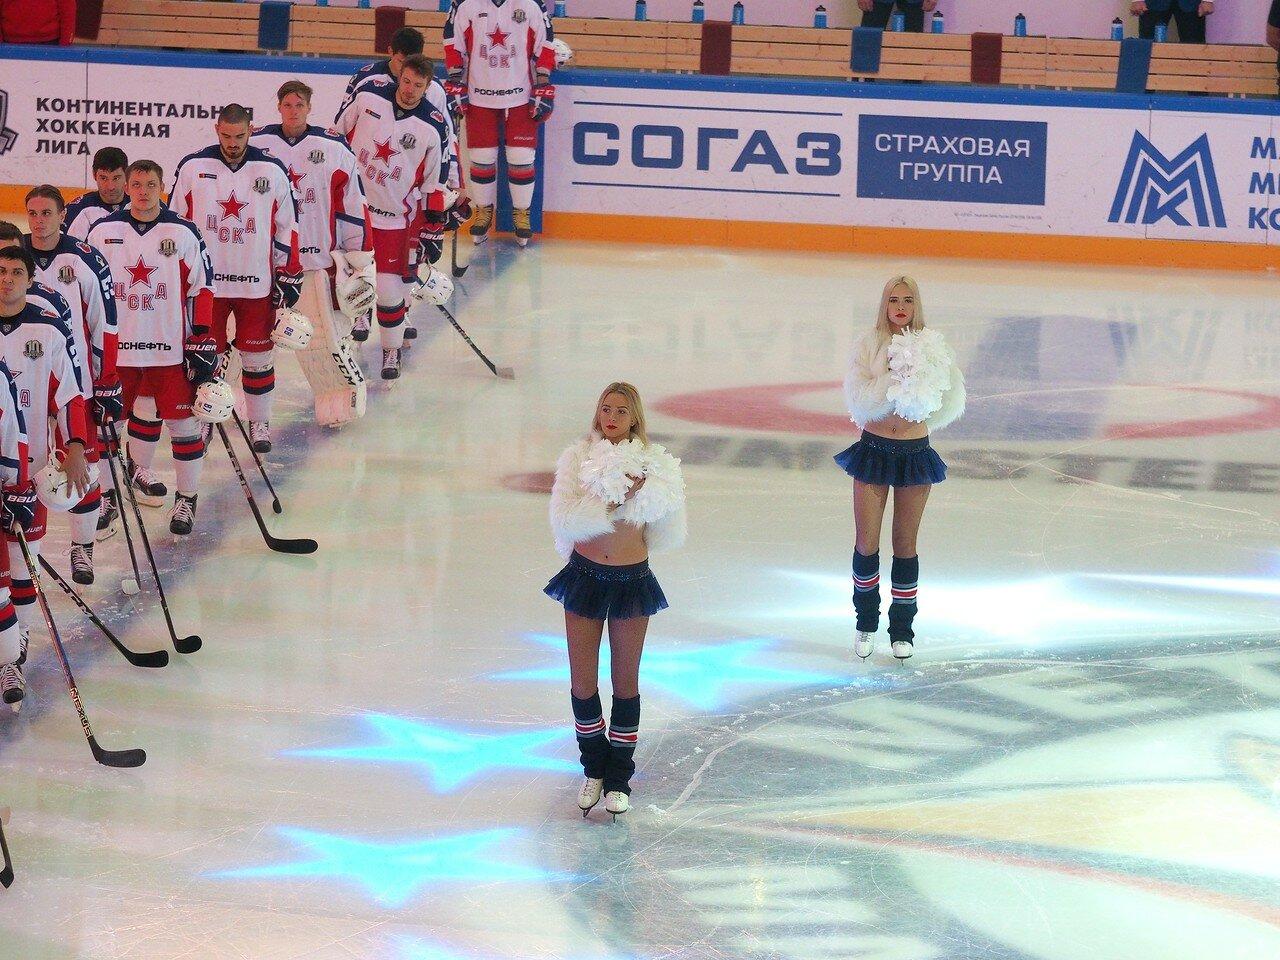 70 Металлург - ЦСКА 18.10.2017